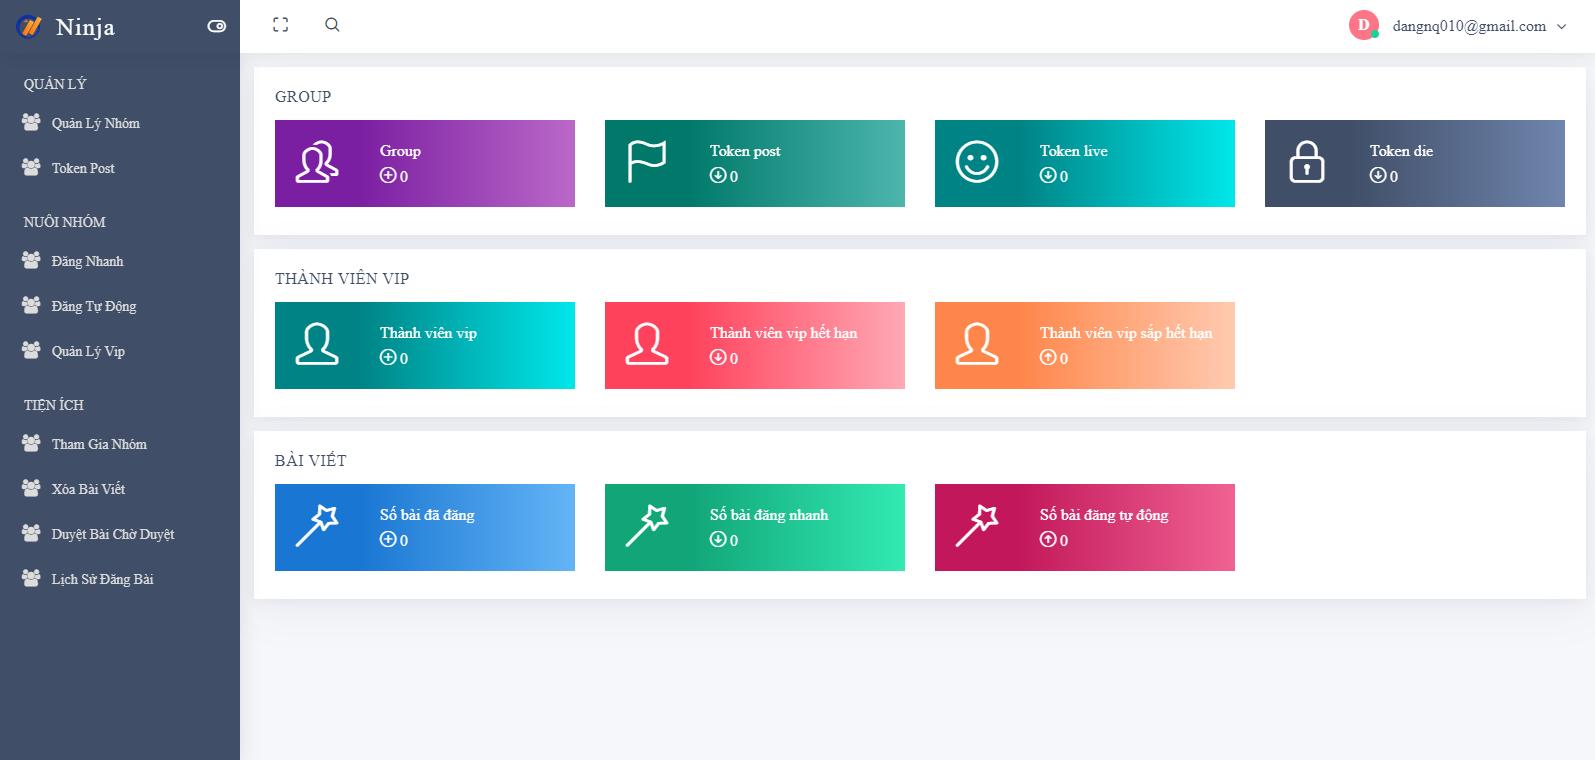 giao diện chính Hướng dẫn đăng nhanh bài viết dễ dàng trên phần mềm Ninja Group